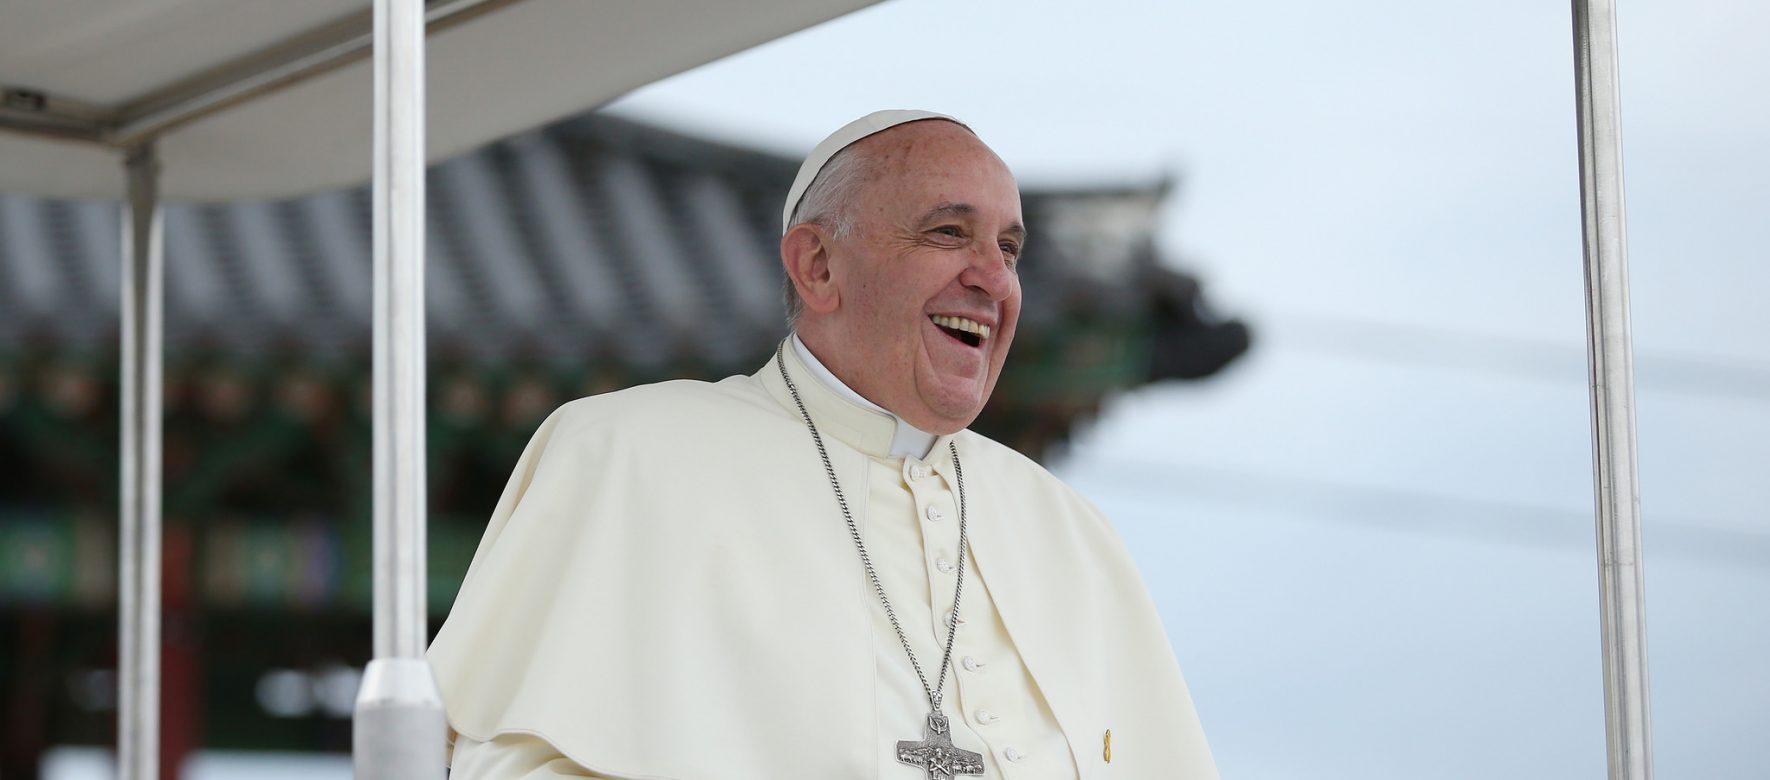 34 ans après Jean-Paul II, le Pape François arrive au Maroc